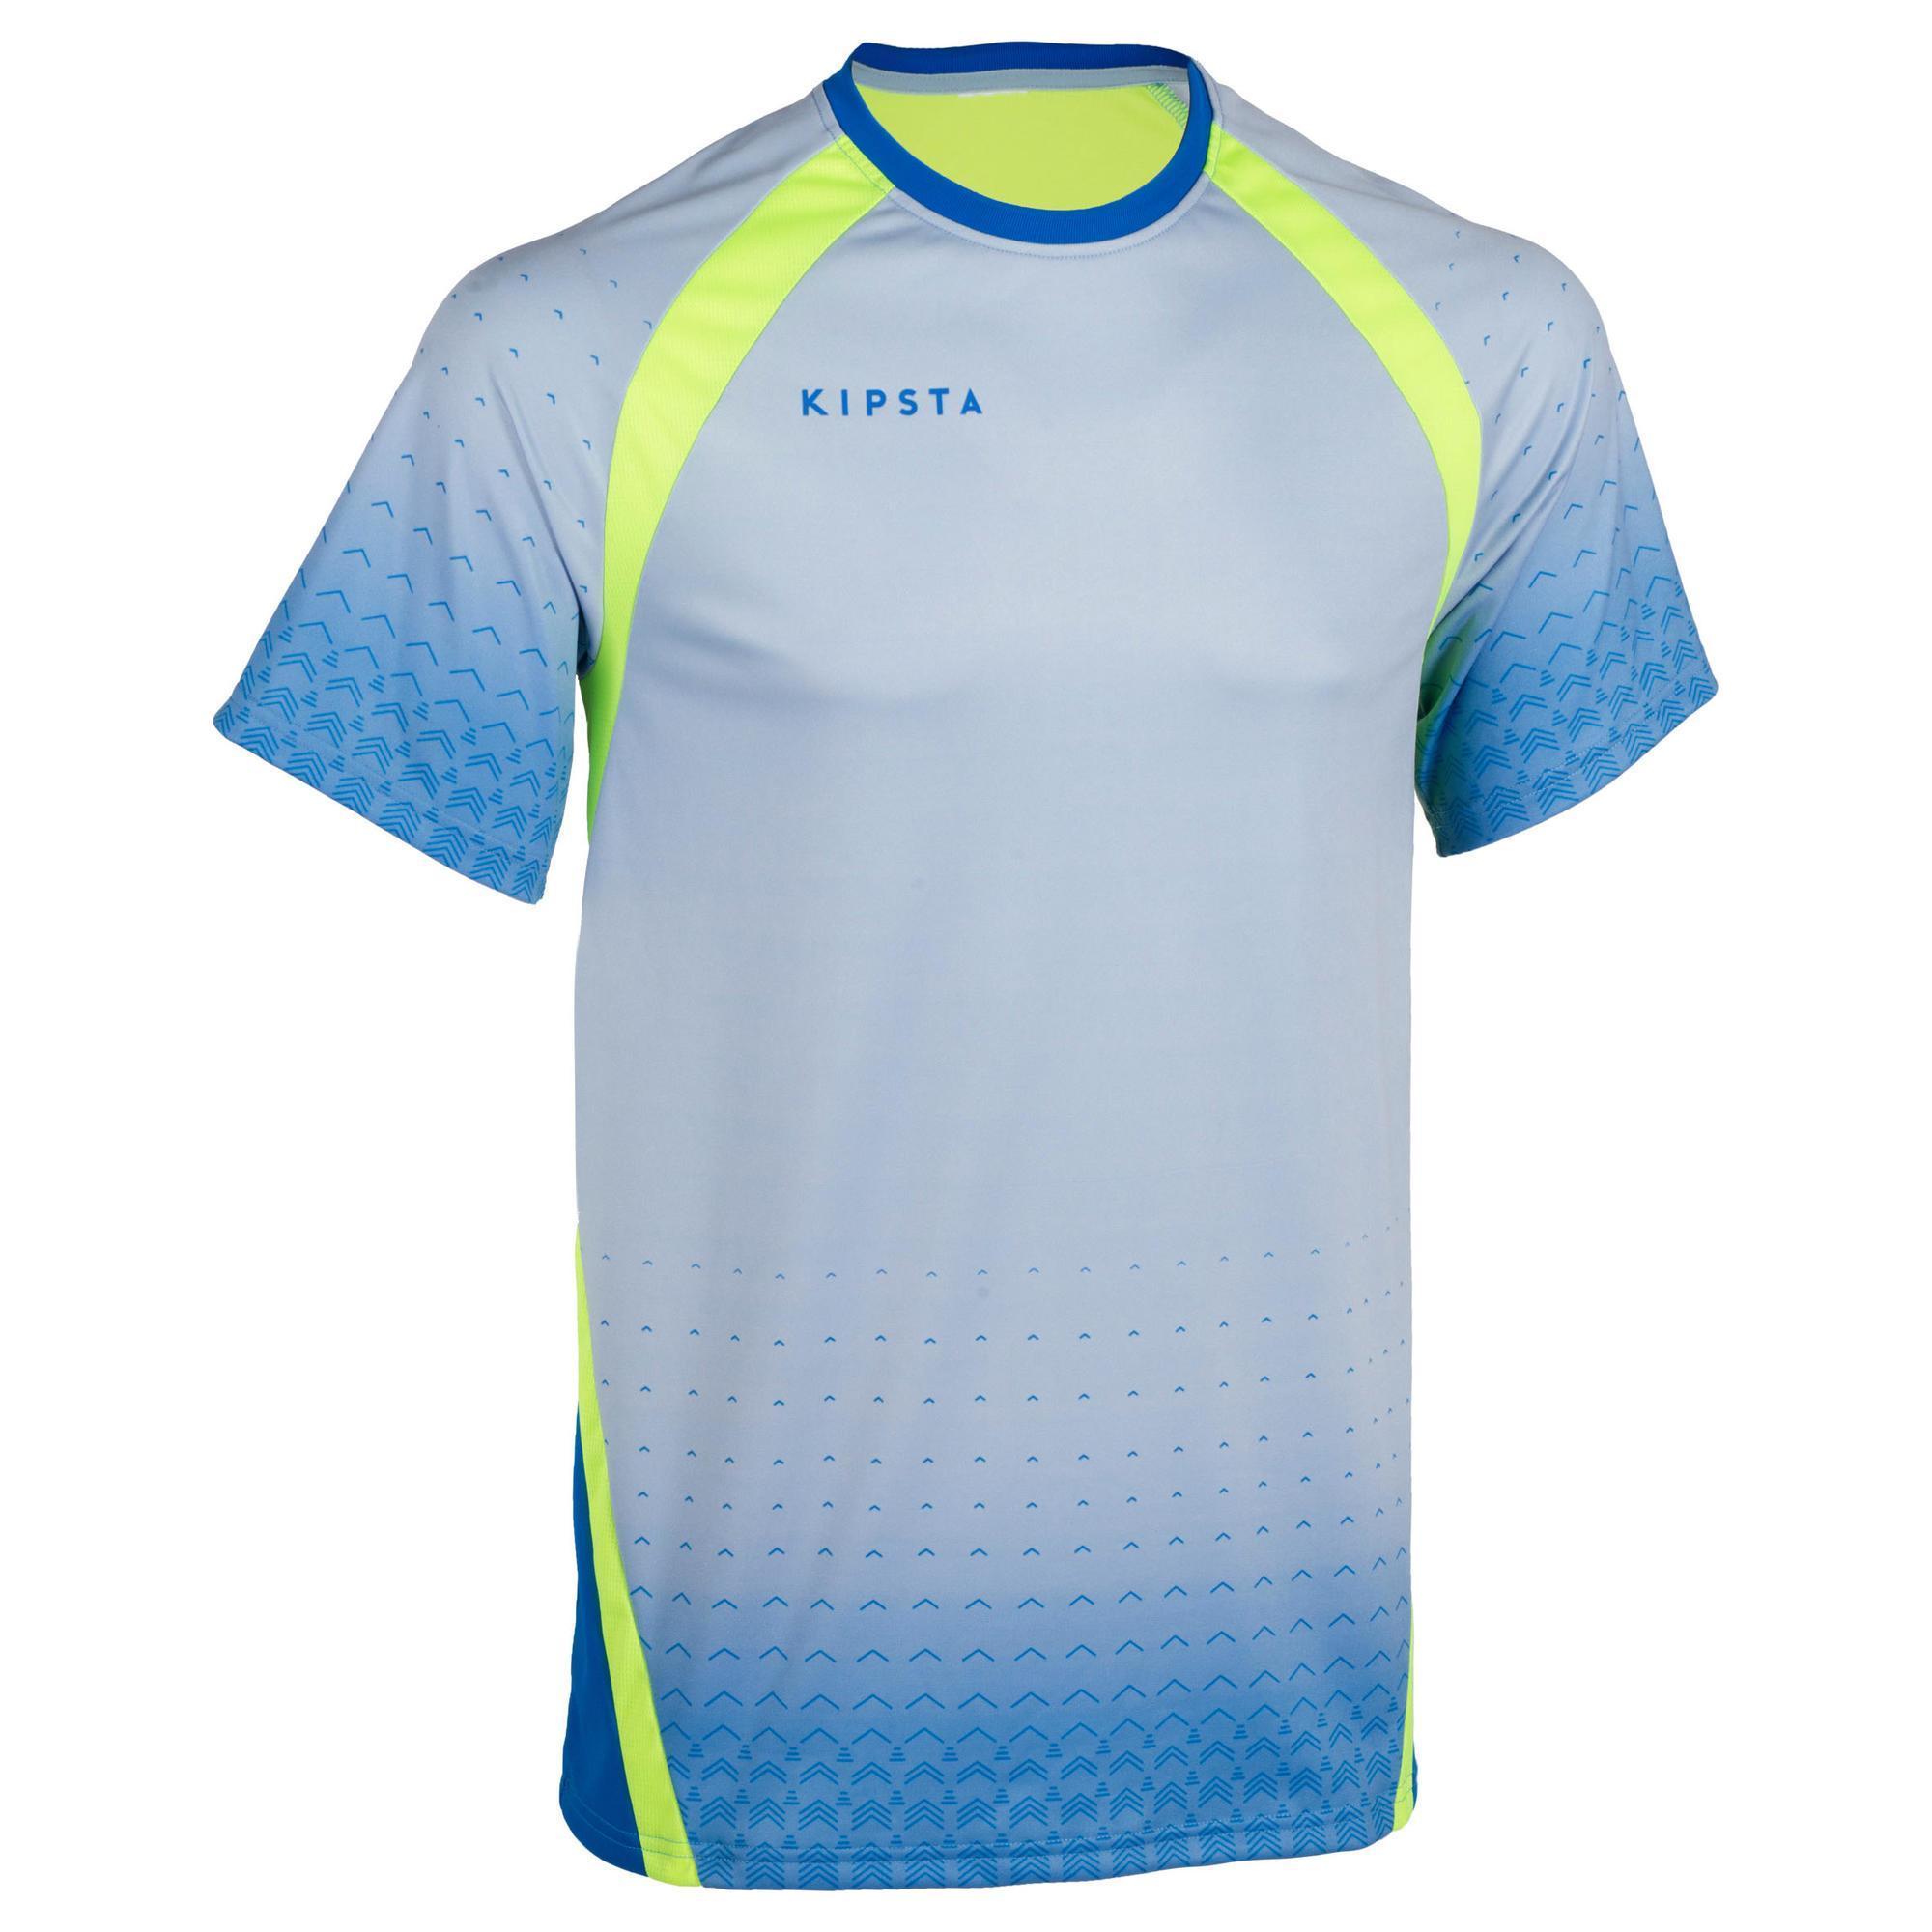 Kipsta Volleybalshirt V500 voor heren blauw/geel